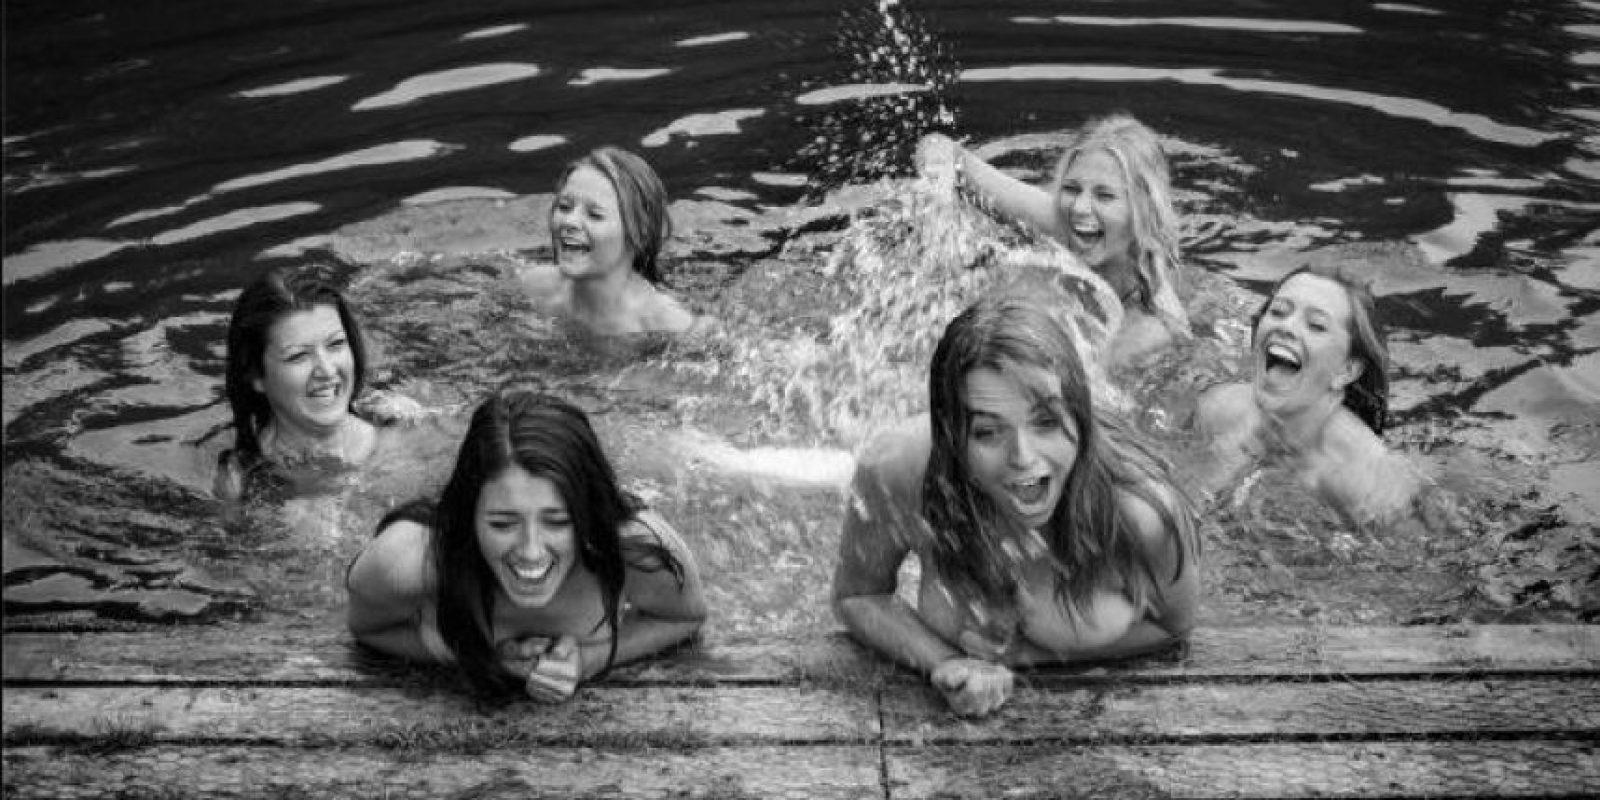 Es la segunda ocasión que las chicas de la Universidad de Warwick sacan al mercado un calendario sin ropa Foto:Warwick Rowing's Women's Naked Calendar